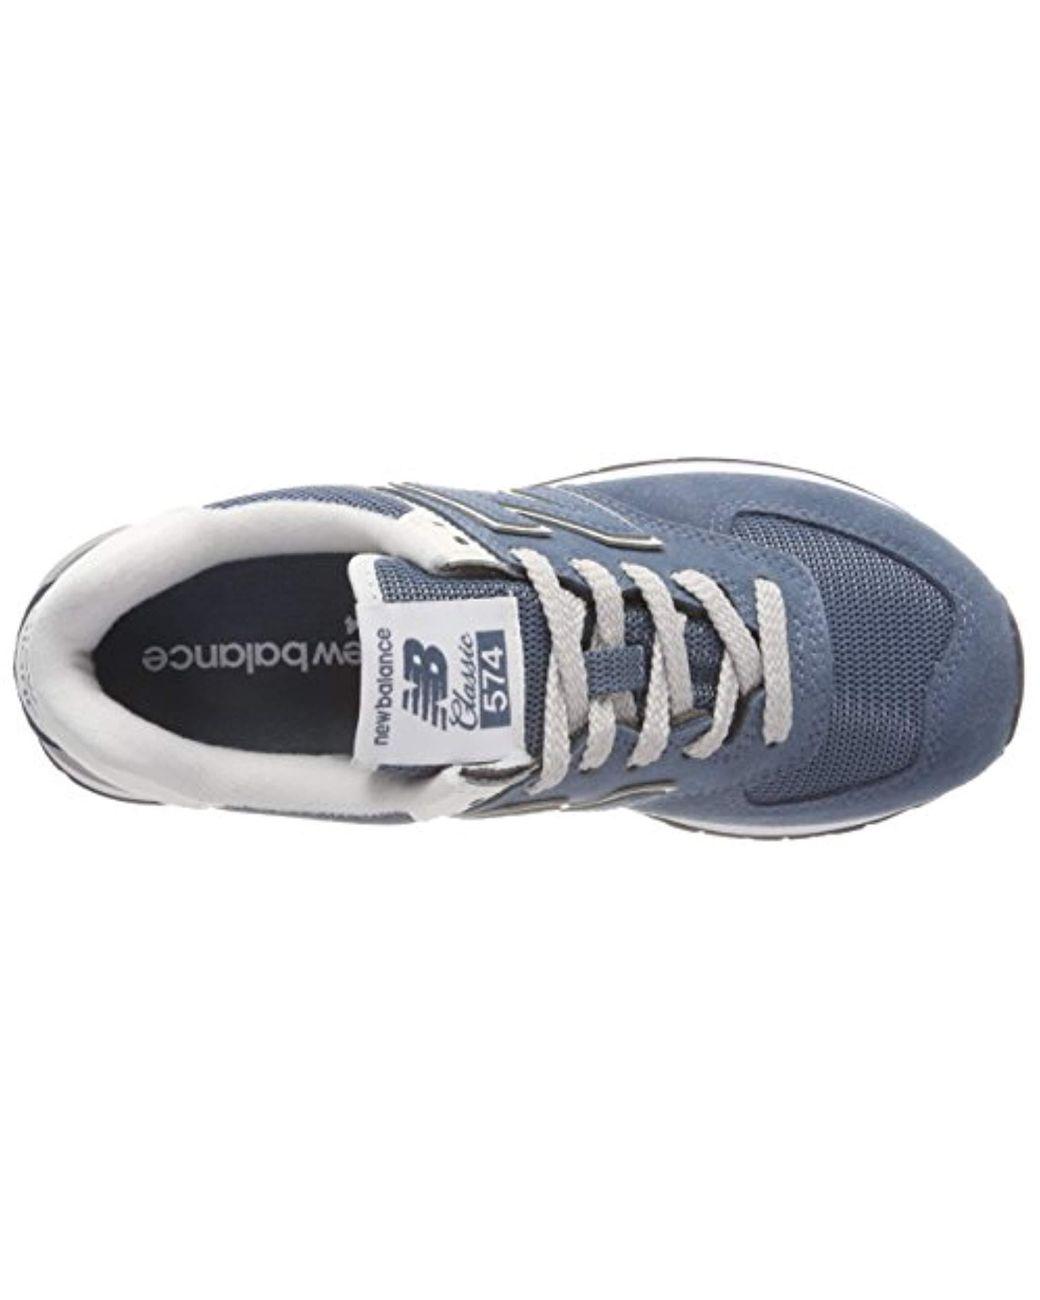 Damen 574v2 Sneaker in blau